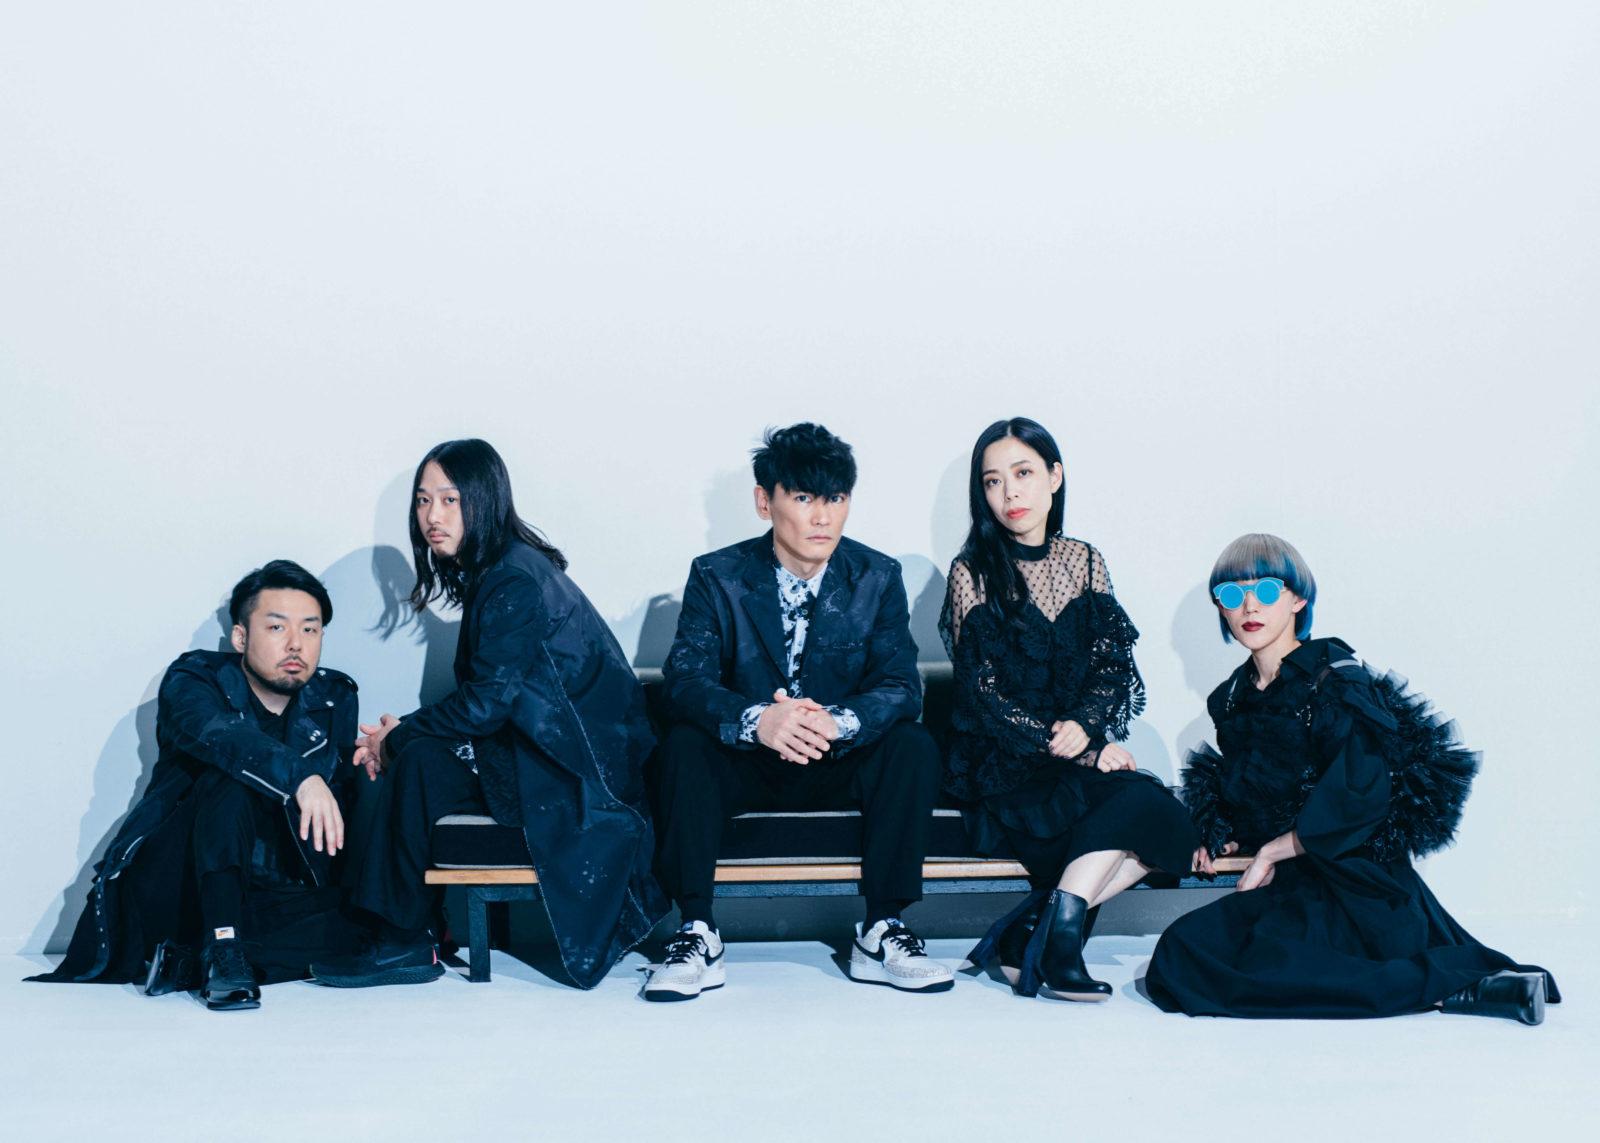 サカナクション New Album収録楽曲が、深田恭子主演ドラマ主題歌に決定サムネイル画像!